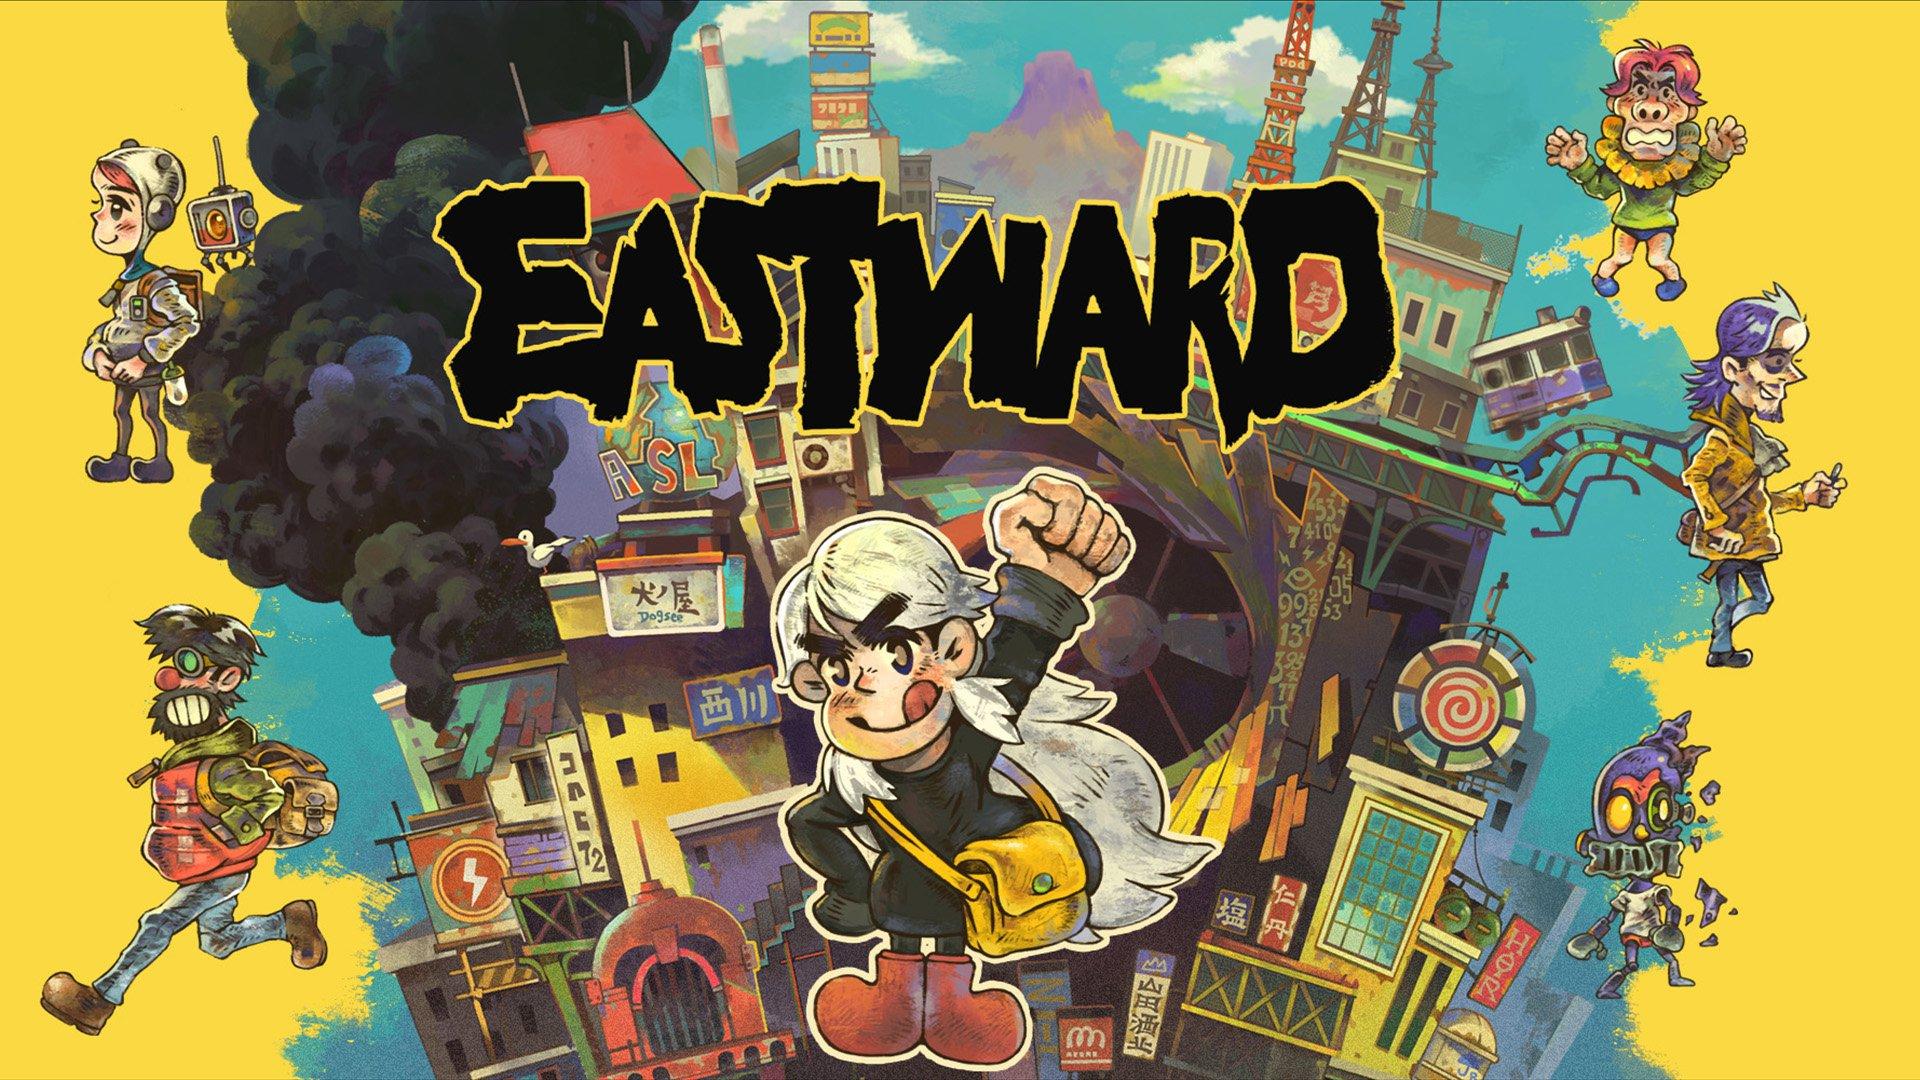 Eastward 12